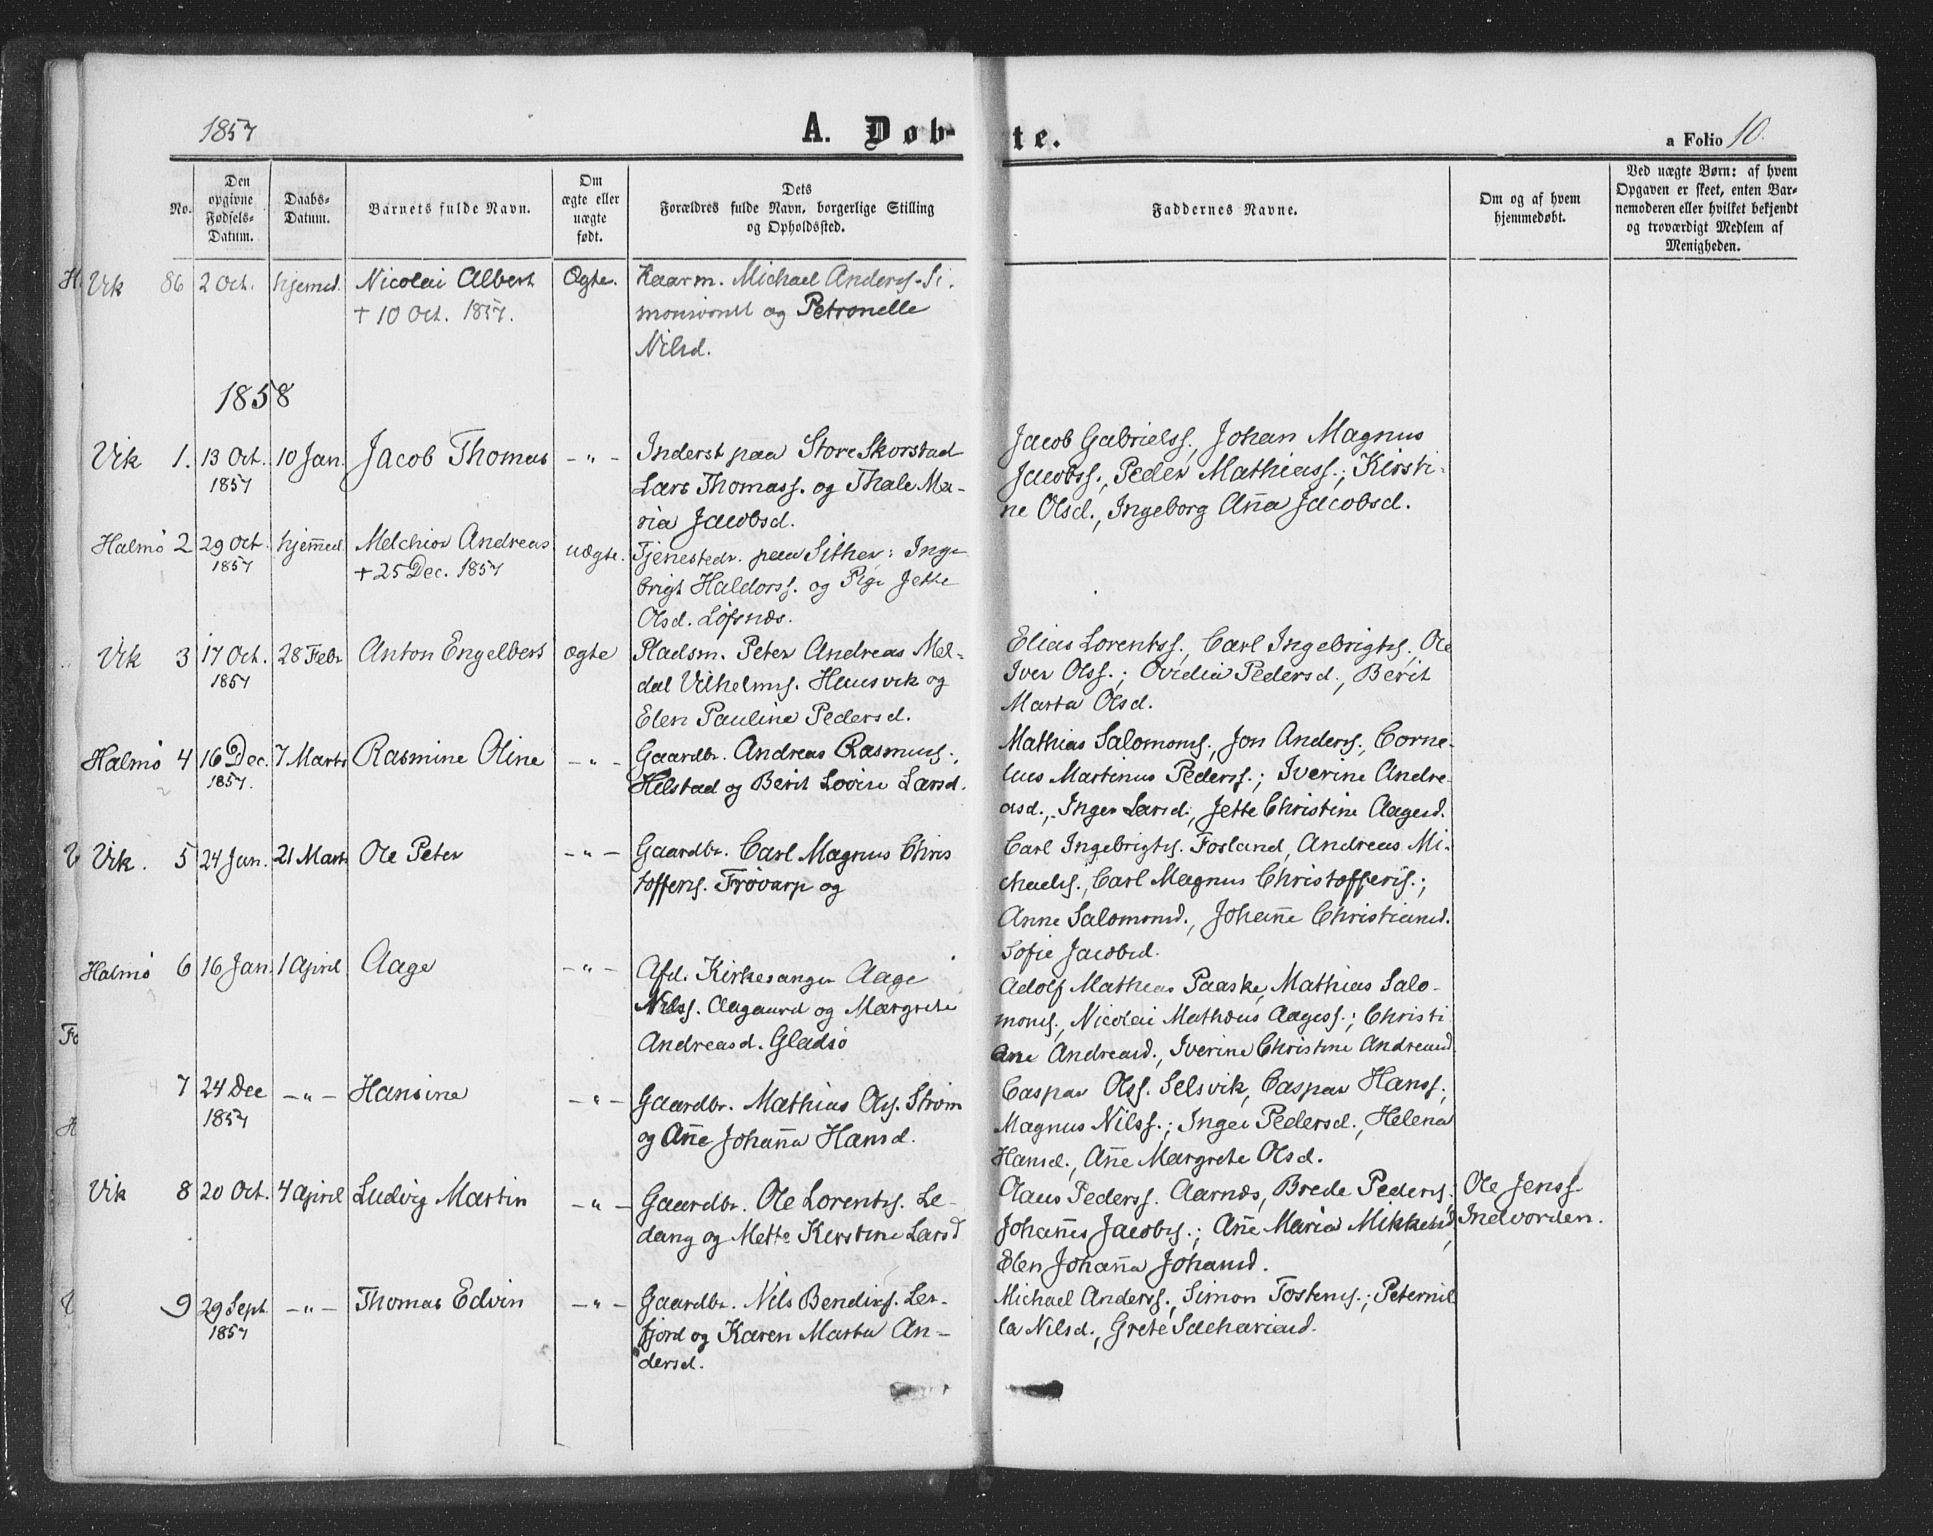 SAT, Ministerialprotokoller, klokkerbøker og fødselsregistre - Nord-Trøndelag, 773/L0615: Ministerialbok nr. 773A06, 1857-1870, s. 10